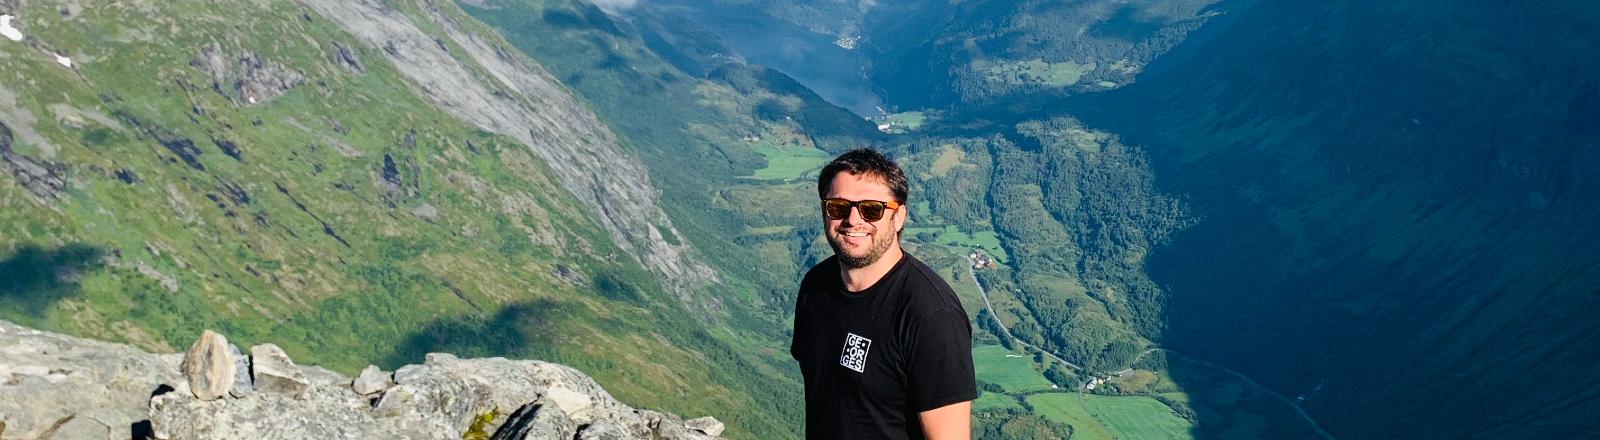 Der Reise-Fan Bernhard posiert auf einem Gebirgszug.